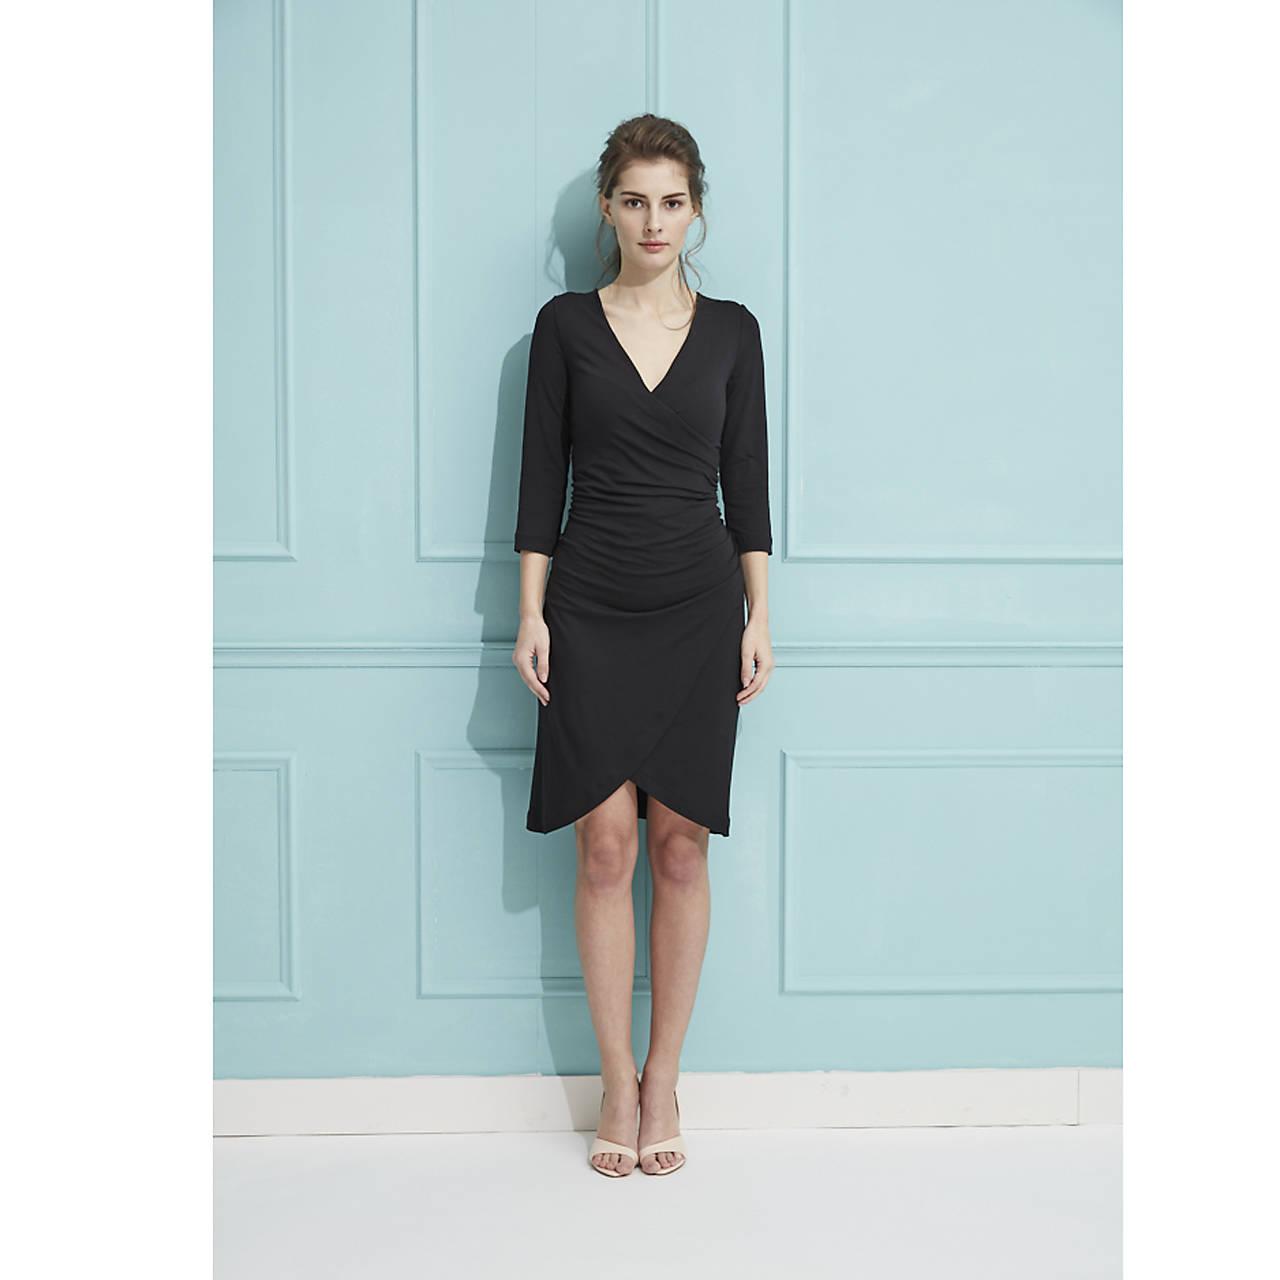 Šaty s riasením (čierne)